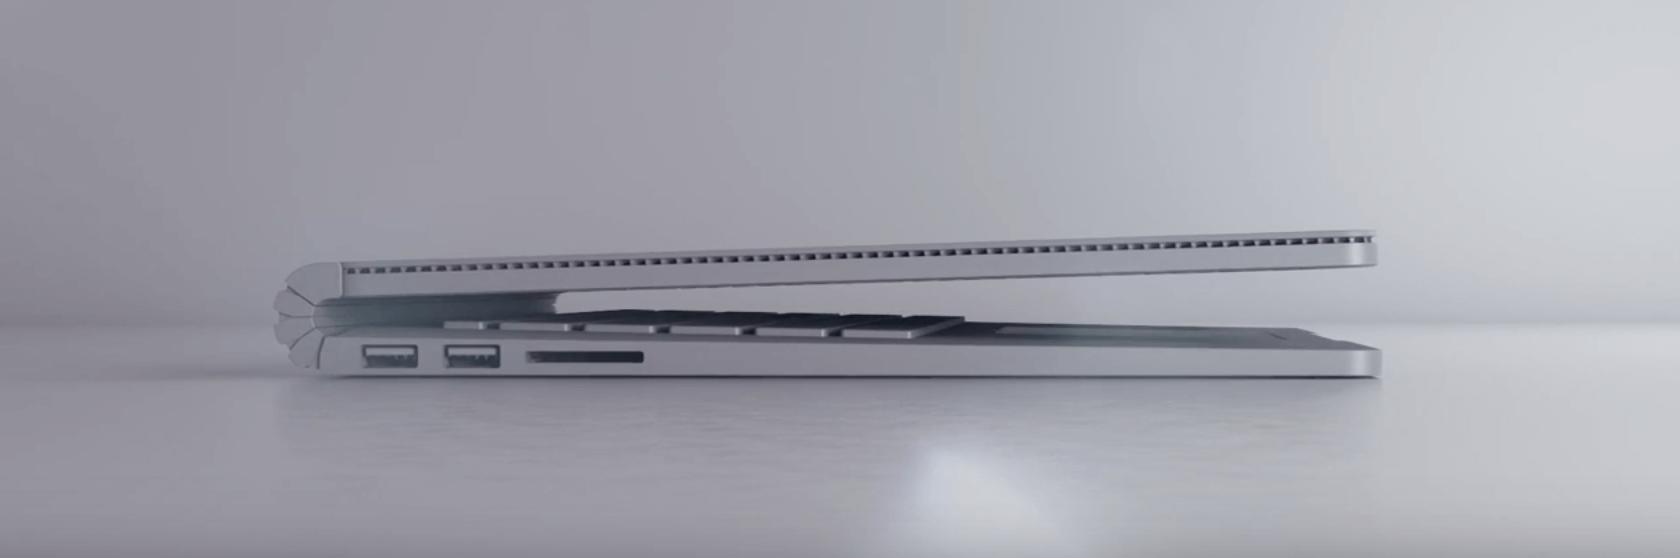 Microsoft Surface Book vorgestellt 6